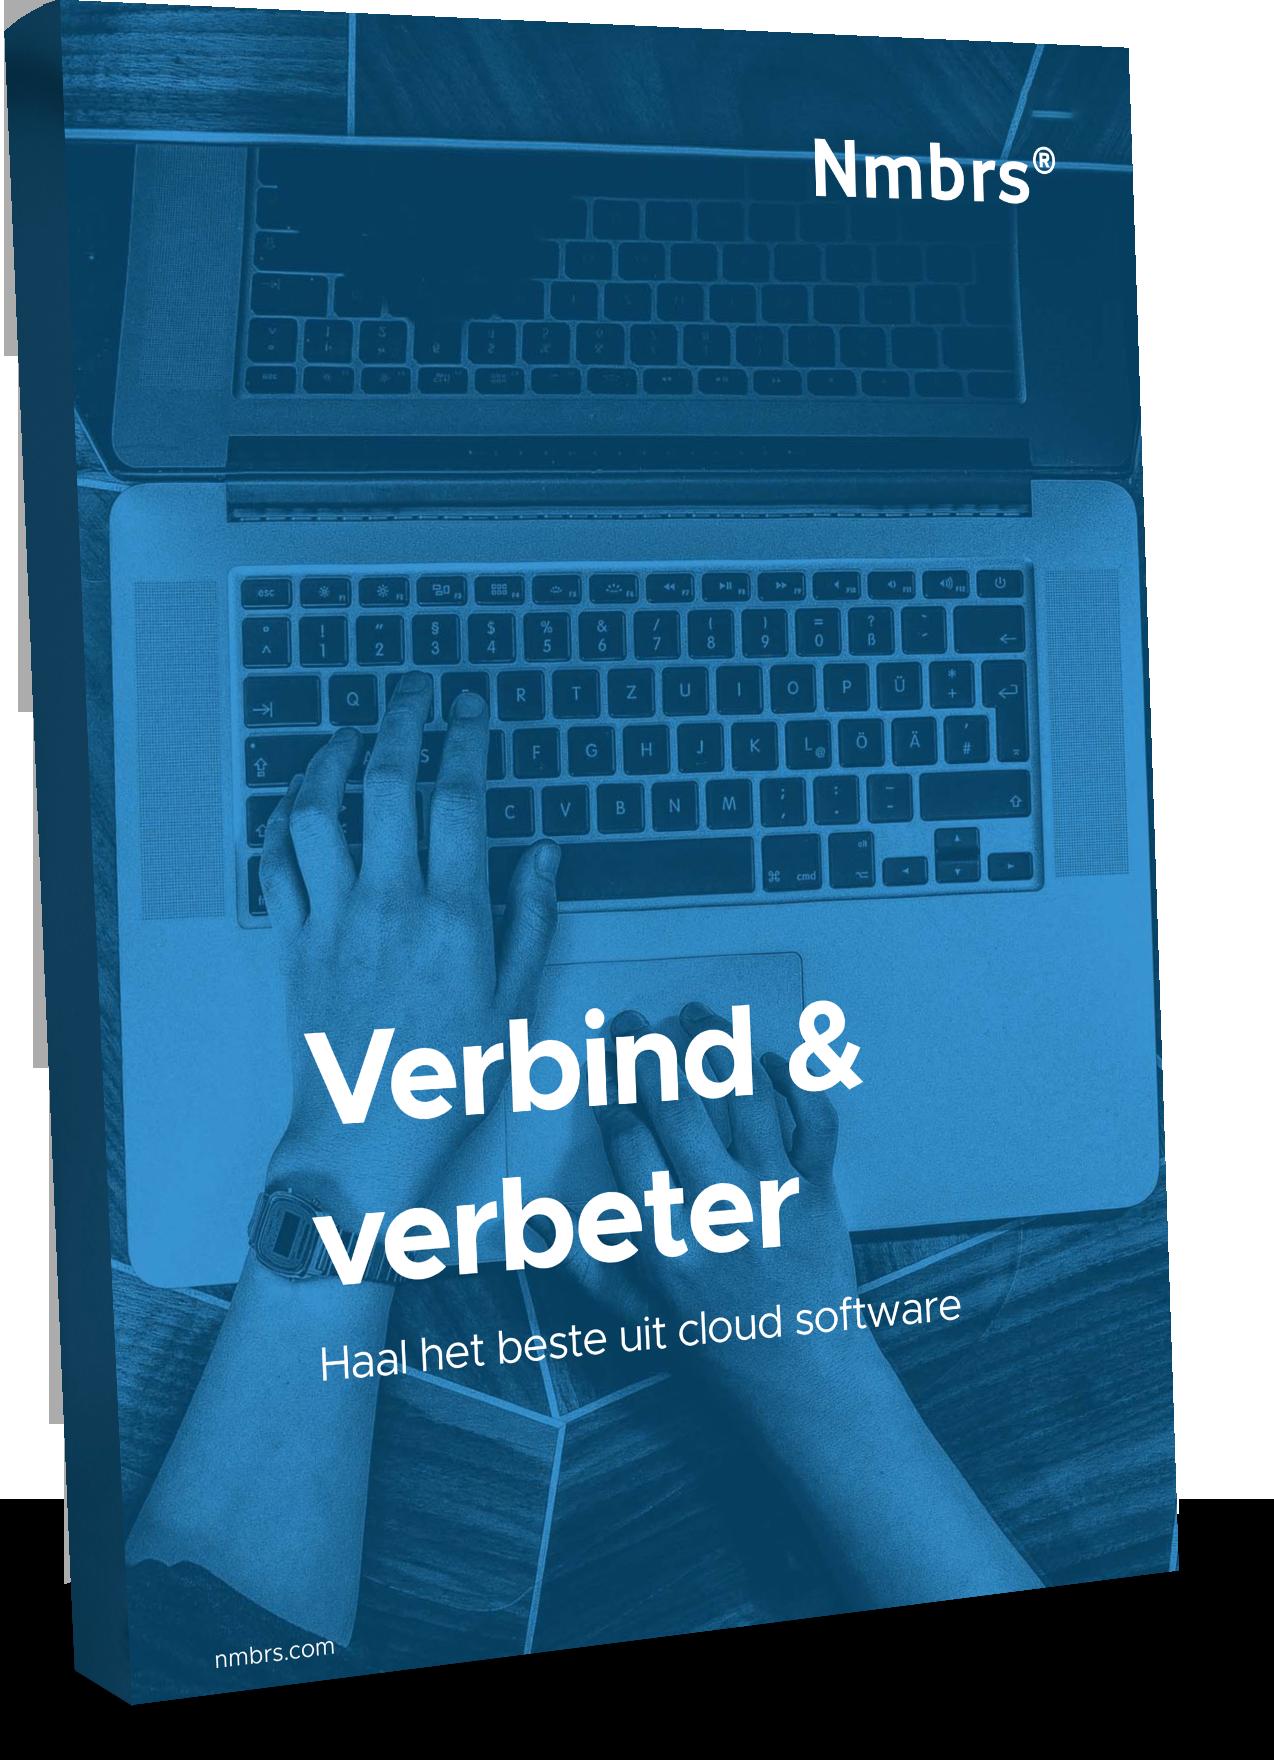 whitepaper-Nmbrs-verbinf-verbeter-EN-2019